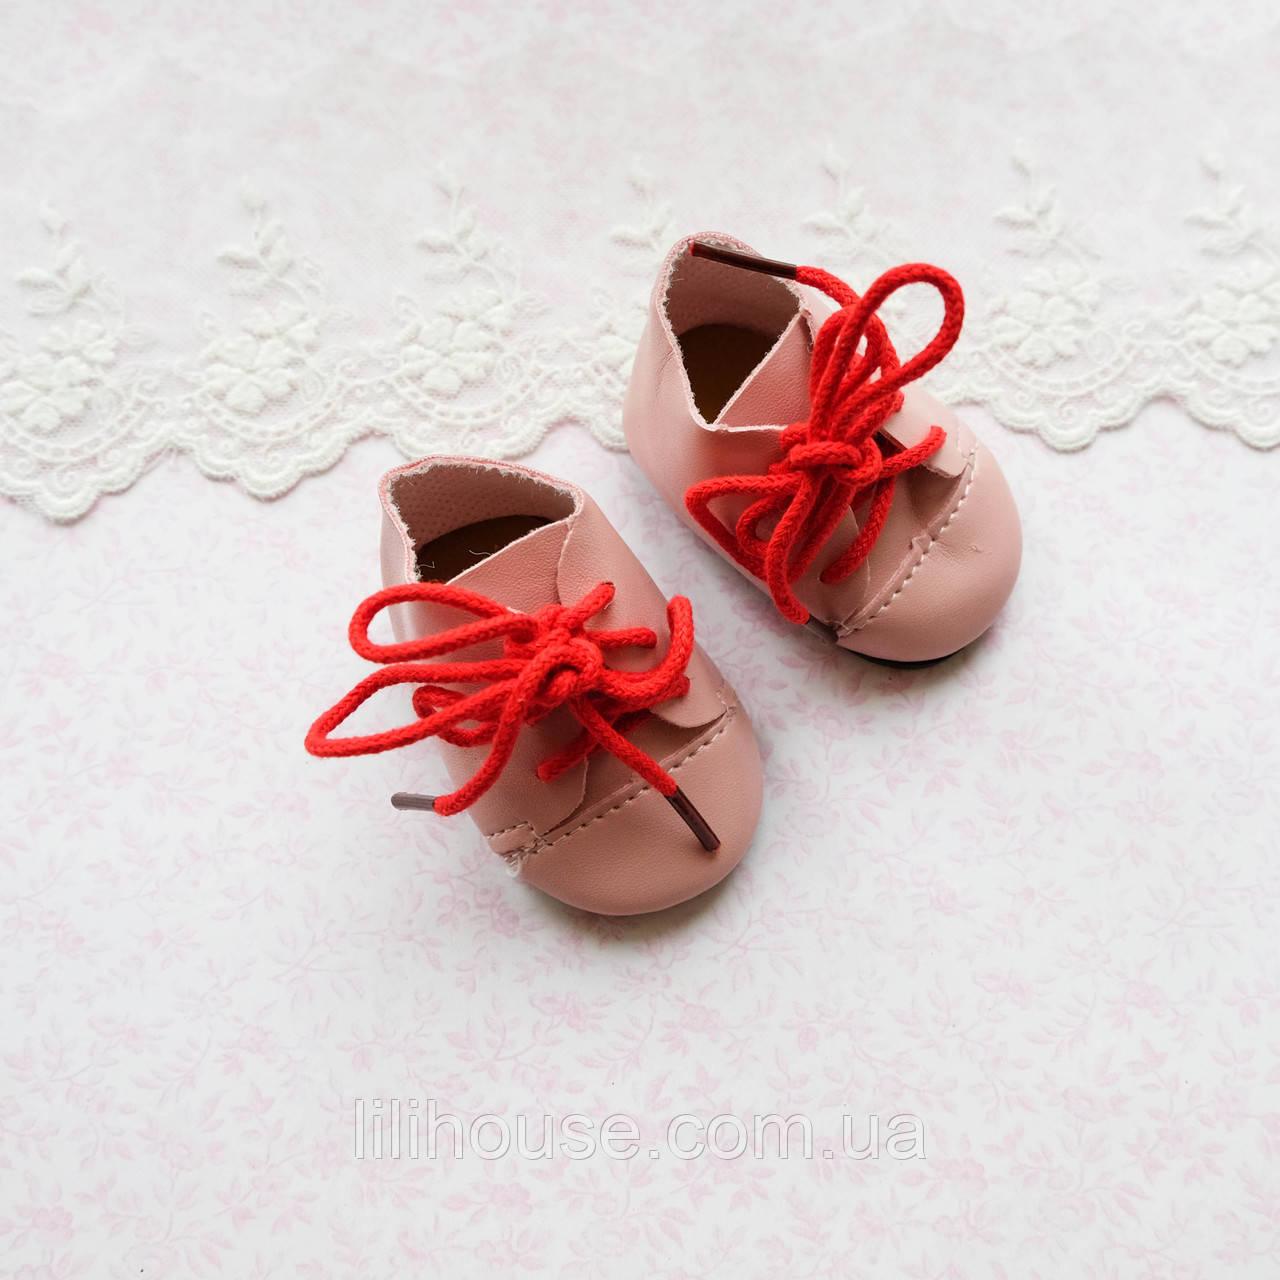 Обувь для кукол Ботиночки 6.5*3.5 см РОЗОВЫЕ